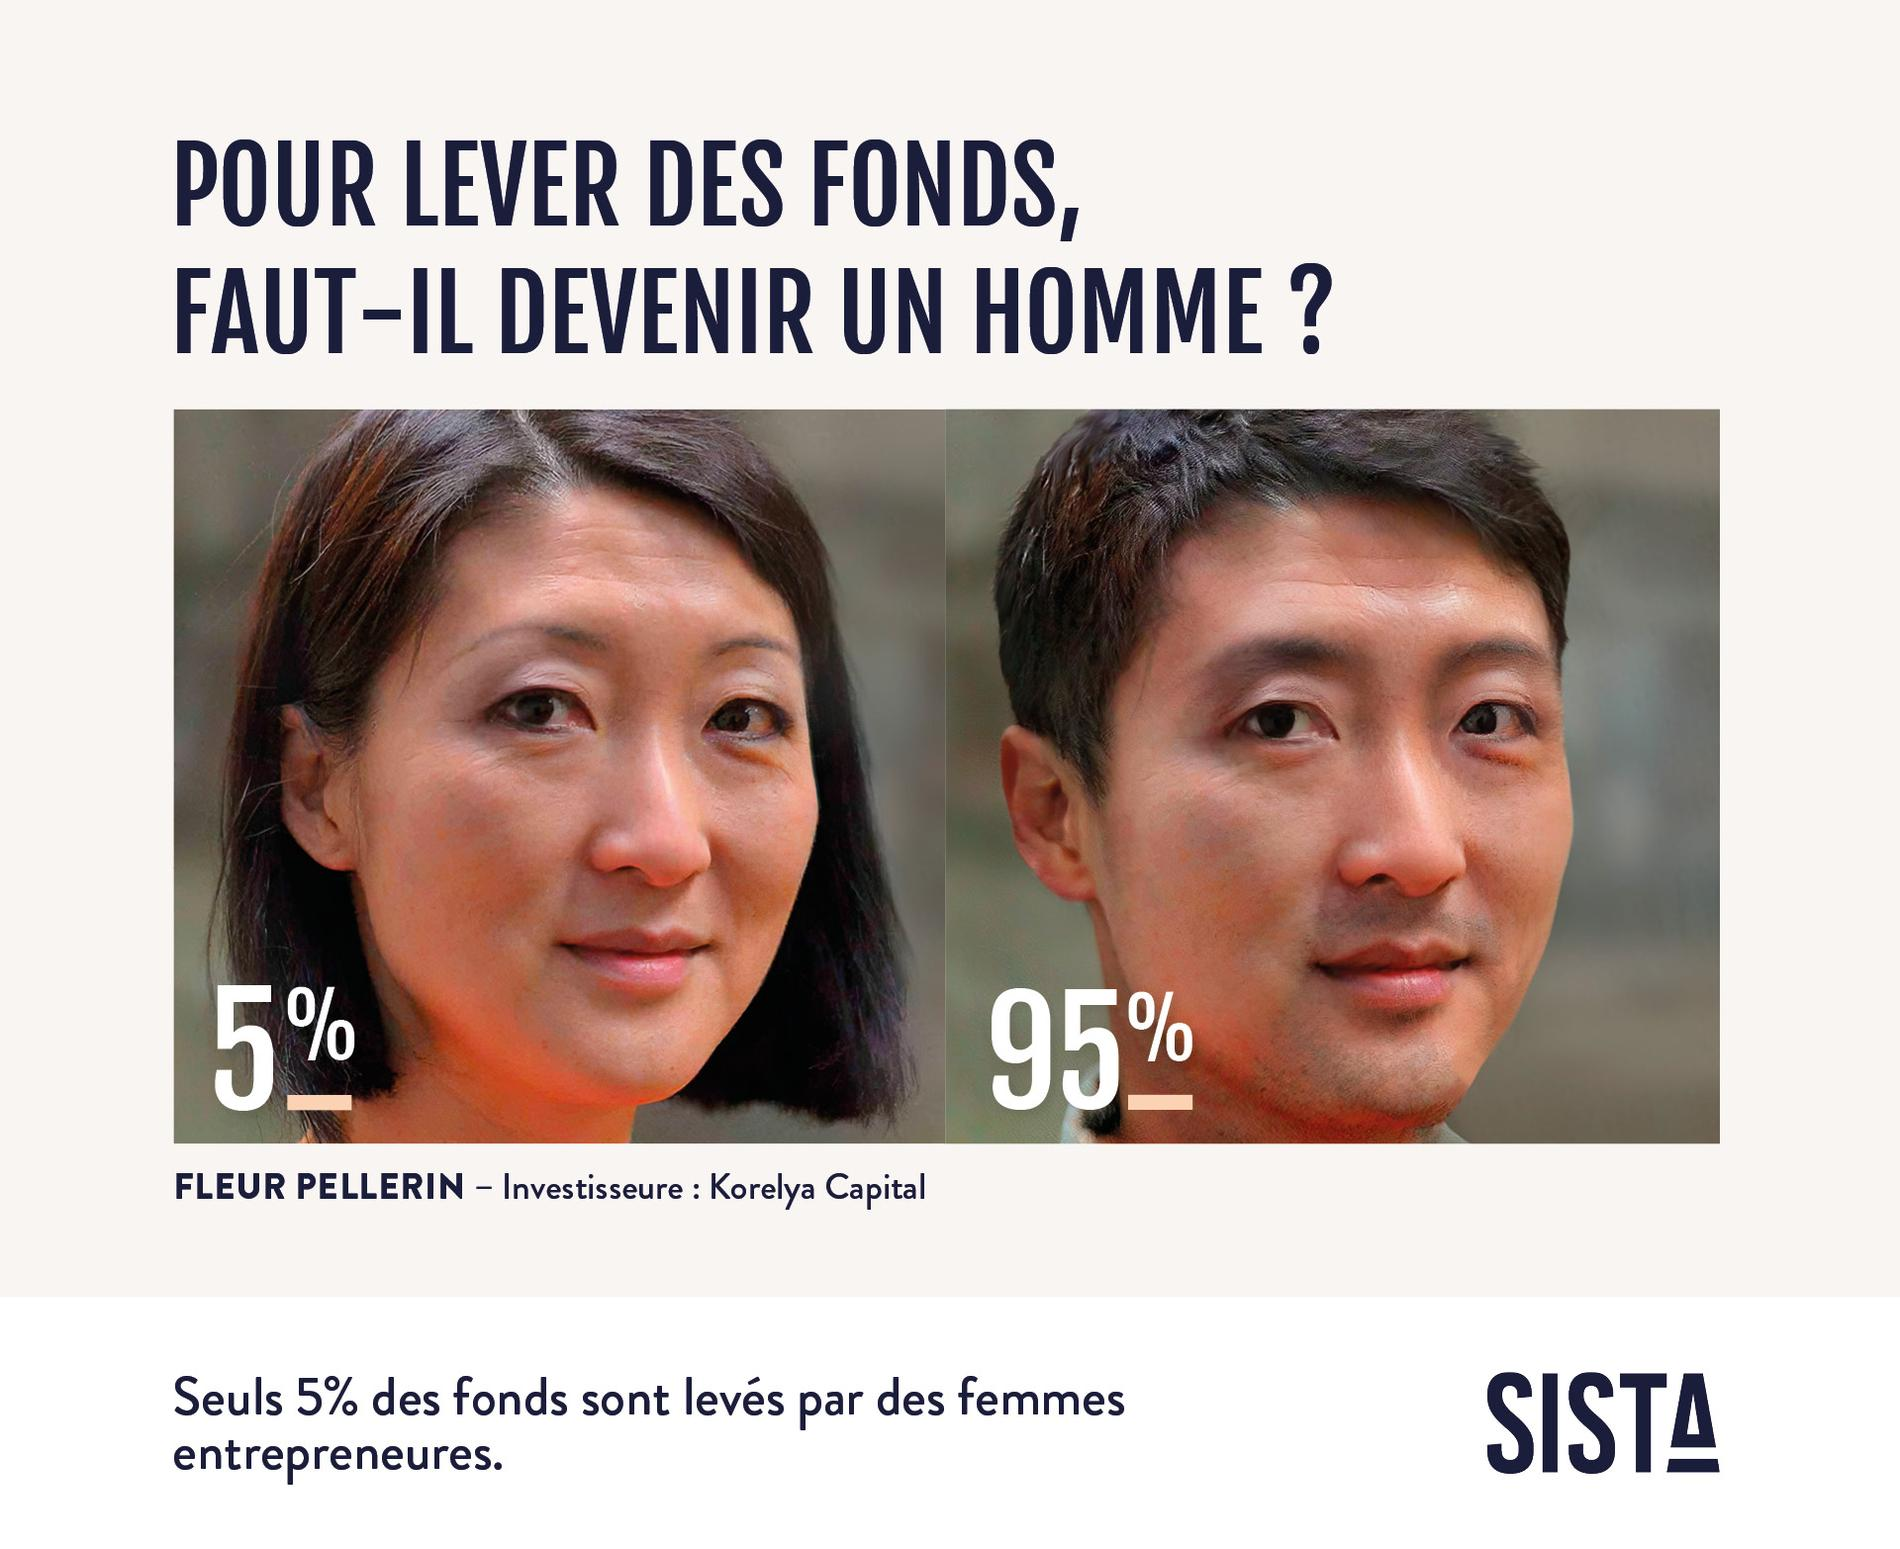 Faut-il être un homme pour lever des fonds ? - Madame Figaro